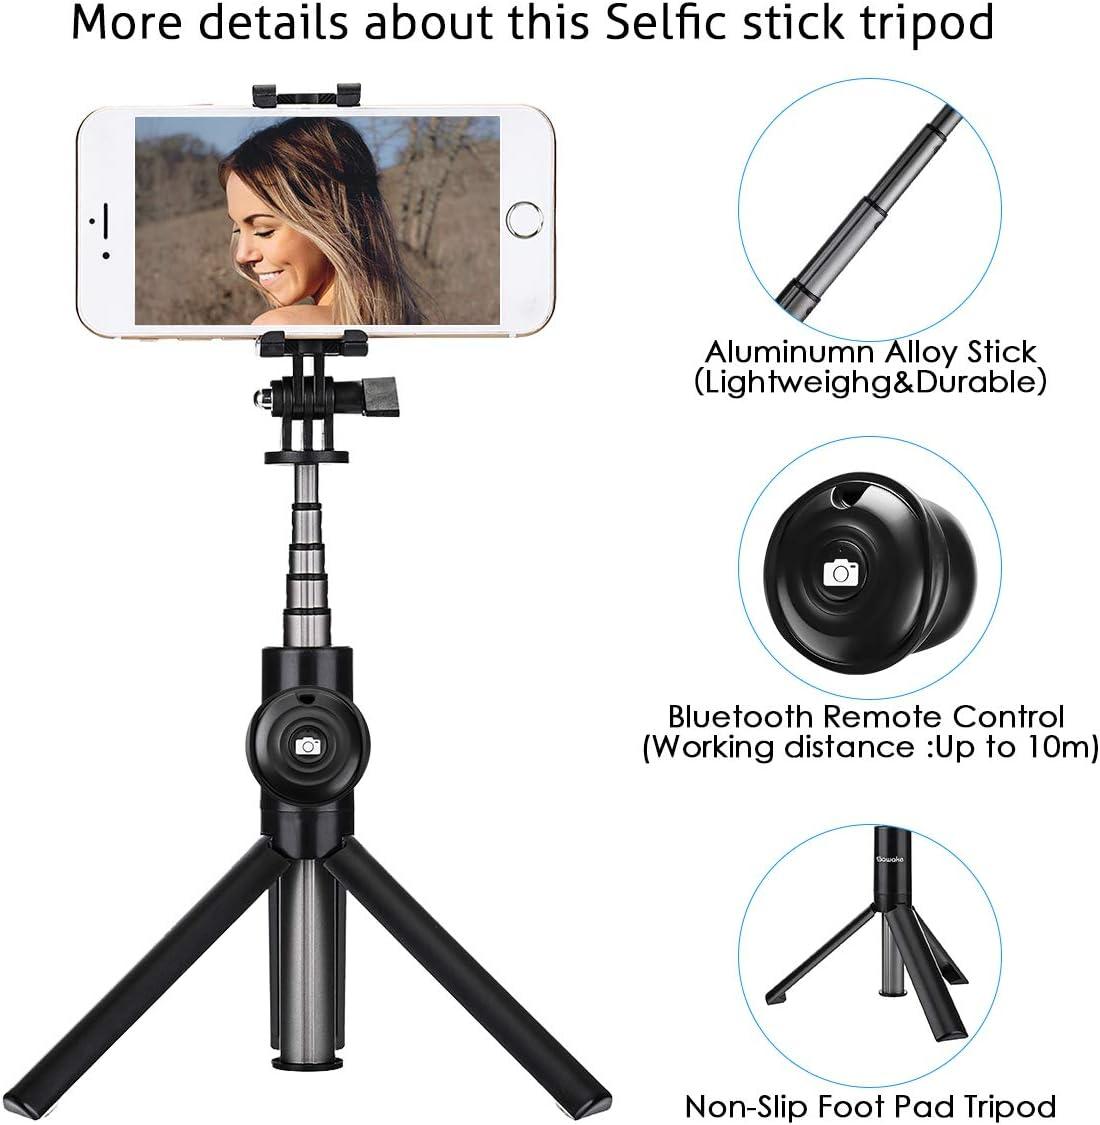 Bluetooth Tr/ípode Mesa C/ámara 2 en 1 Selfie Stick con Control Remoto para iPhone X 8 8 Plus 7 7 Plus 6s y Android … SAWAKE Palo Selfie Tr/ípode Inal/ámbrico Gris